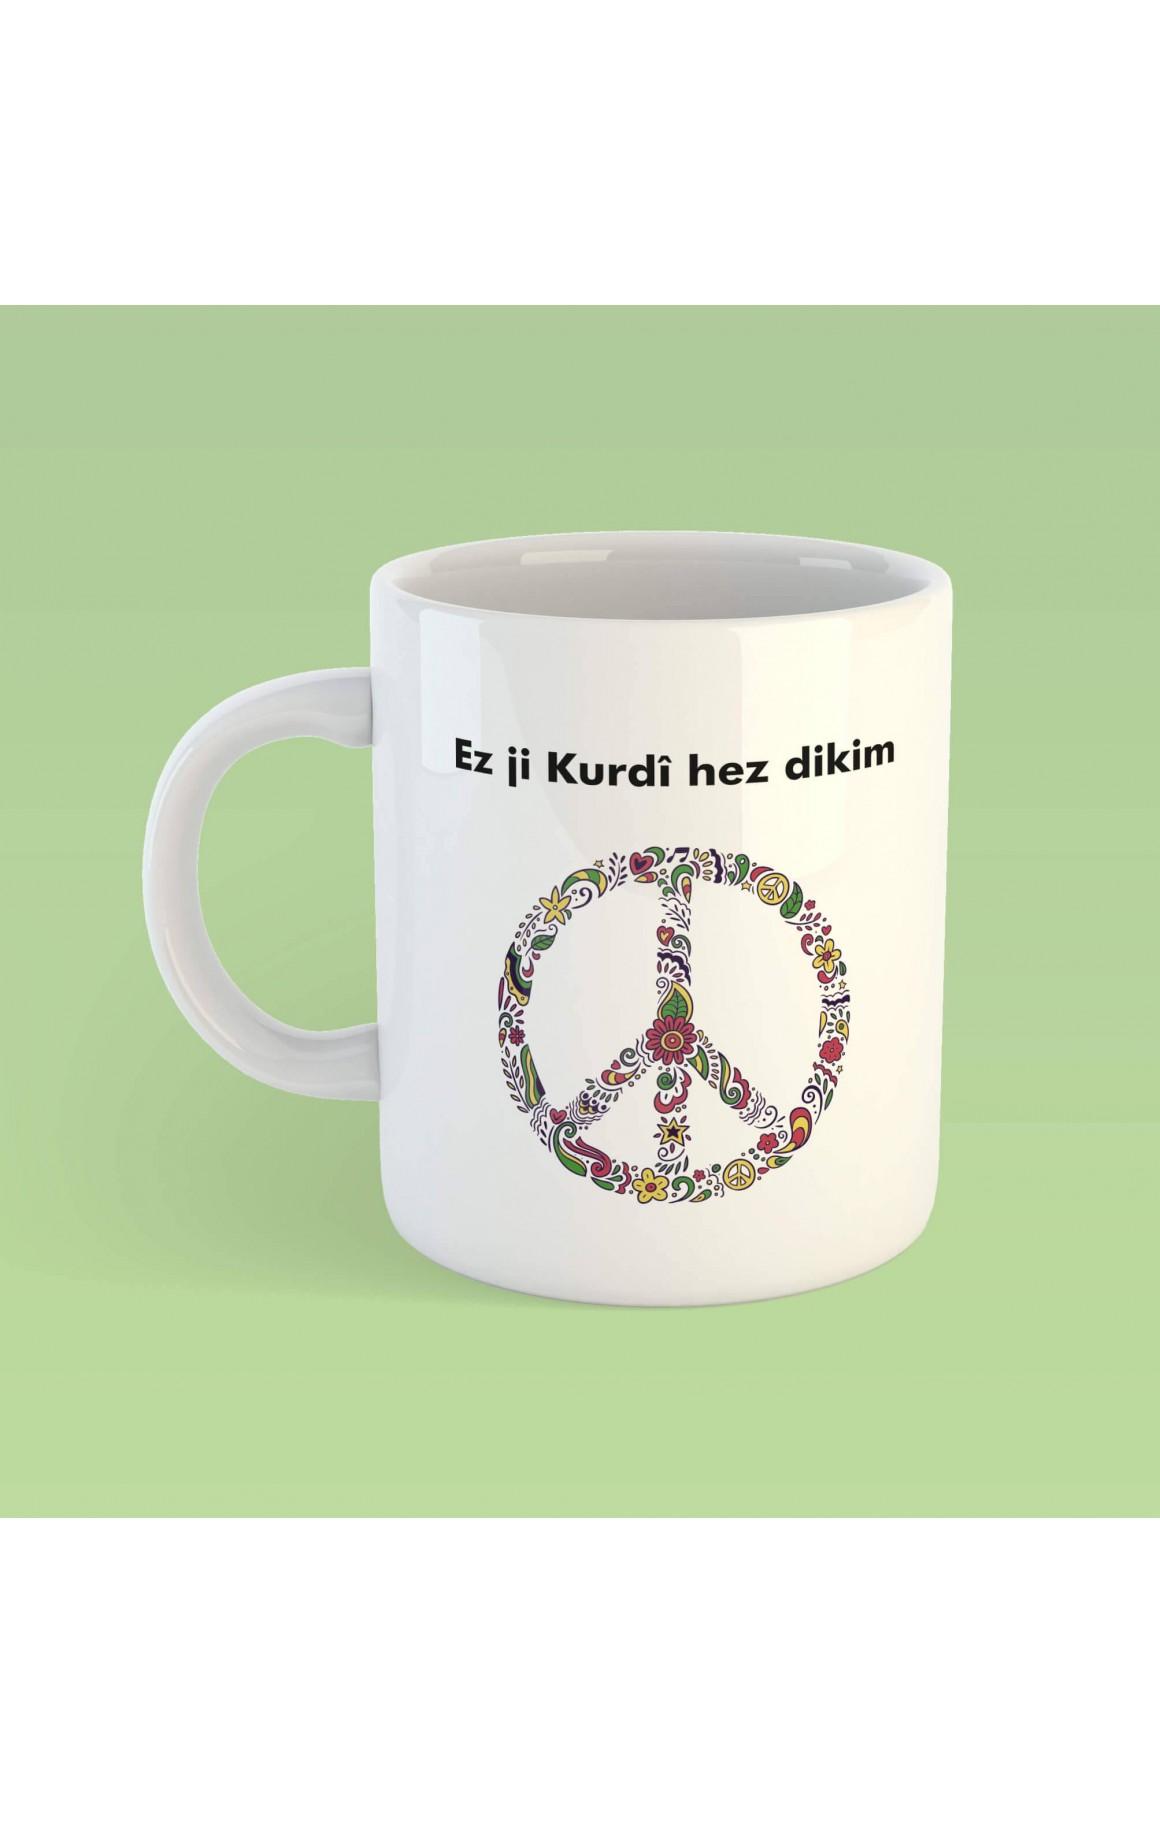 Porselen Kupa - Ez Ji Kurdî Hez Dikim